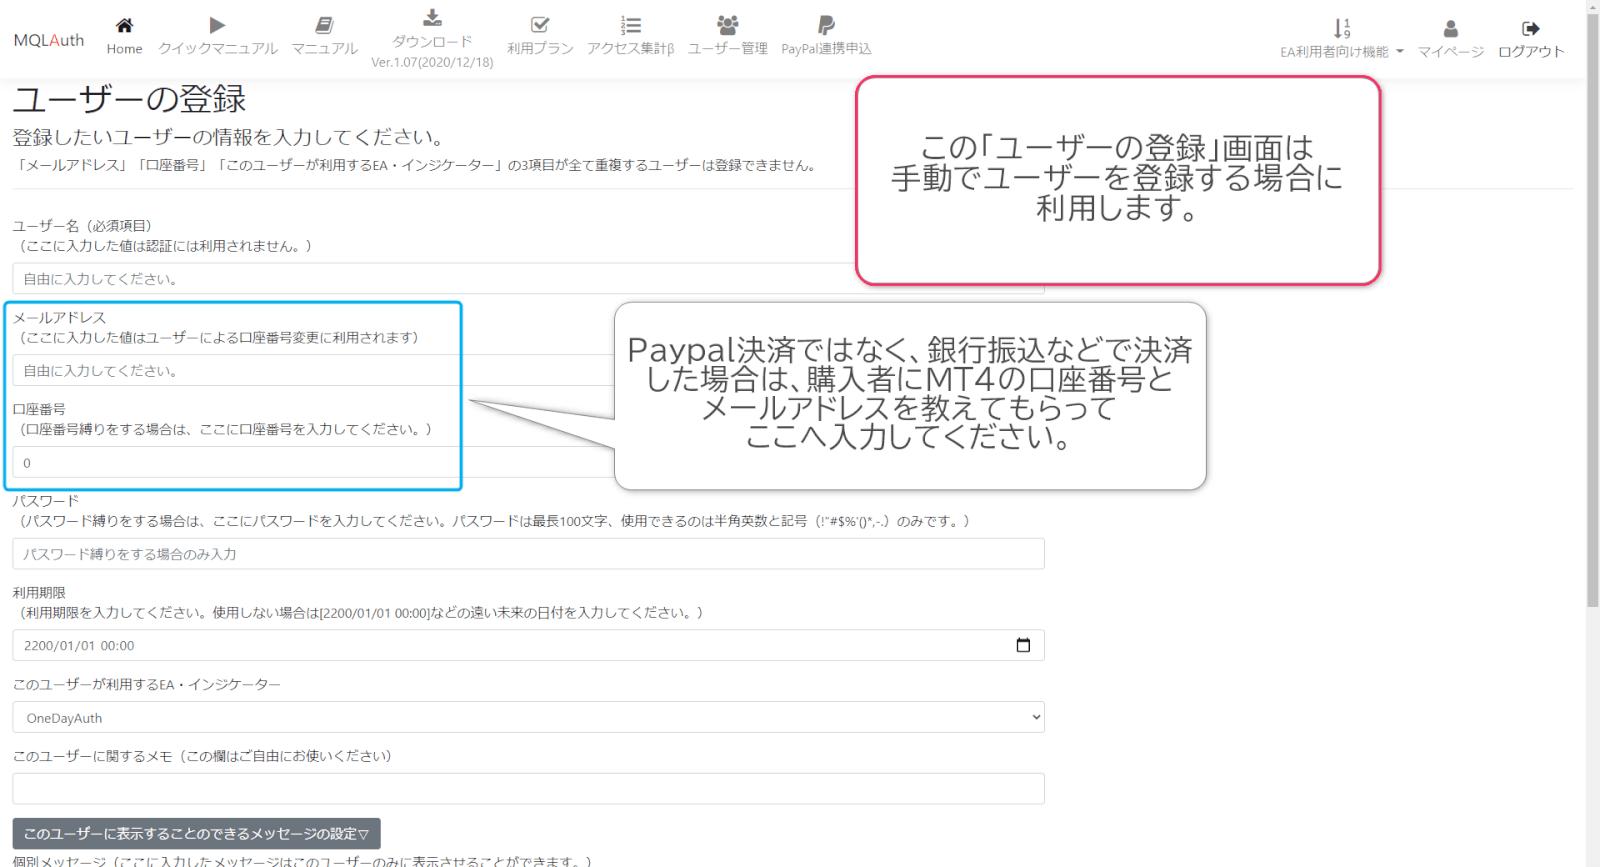 ユーザーの登録